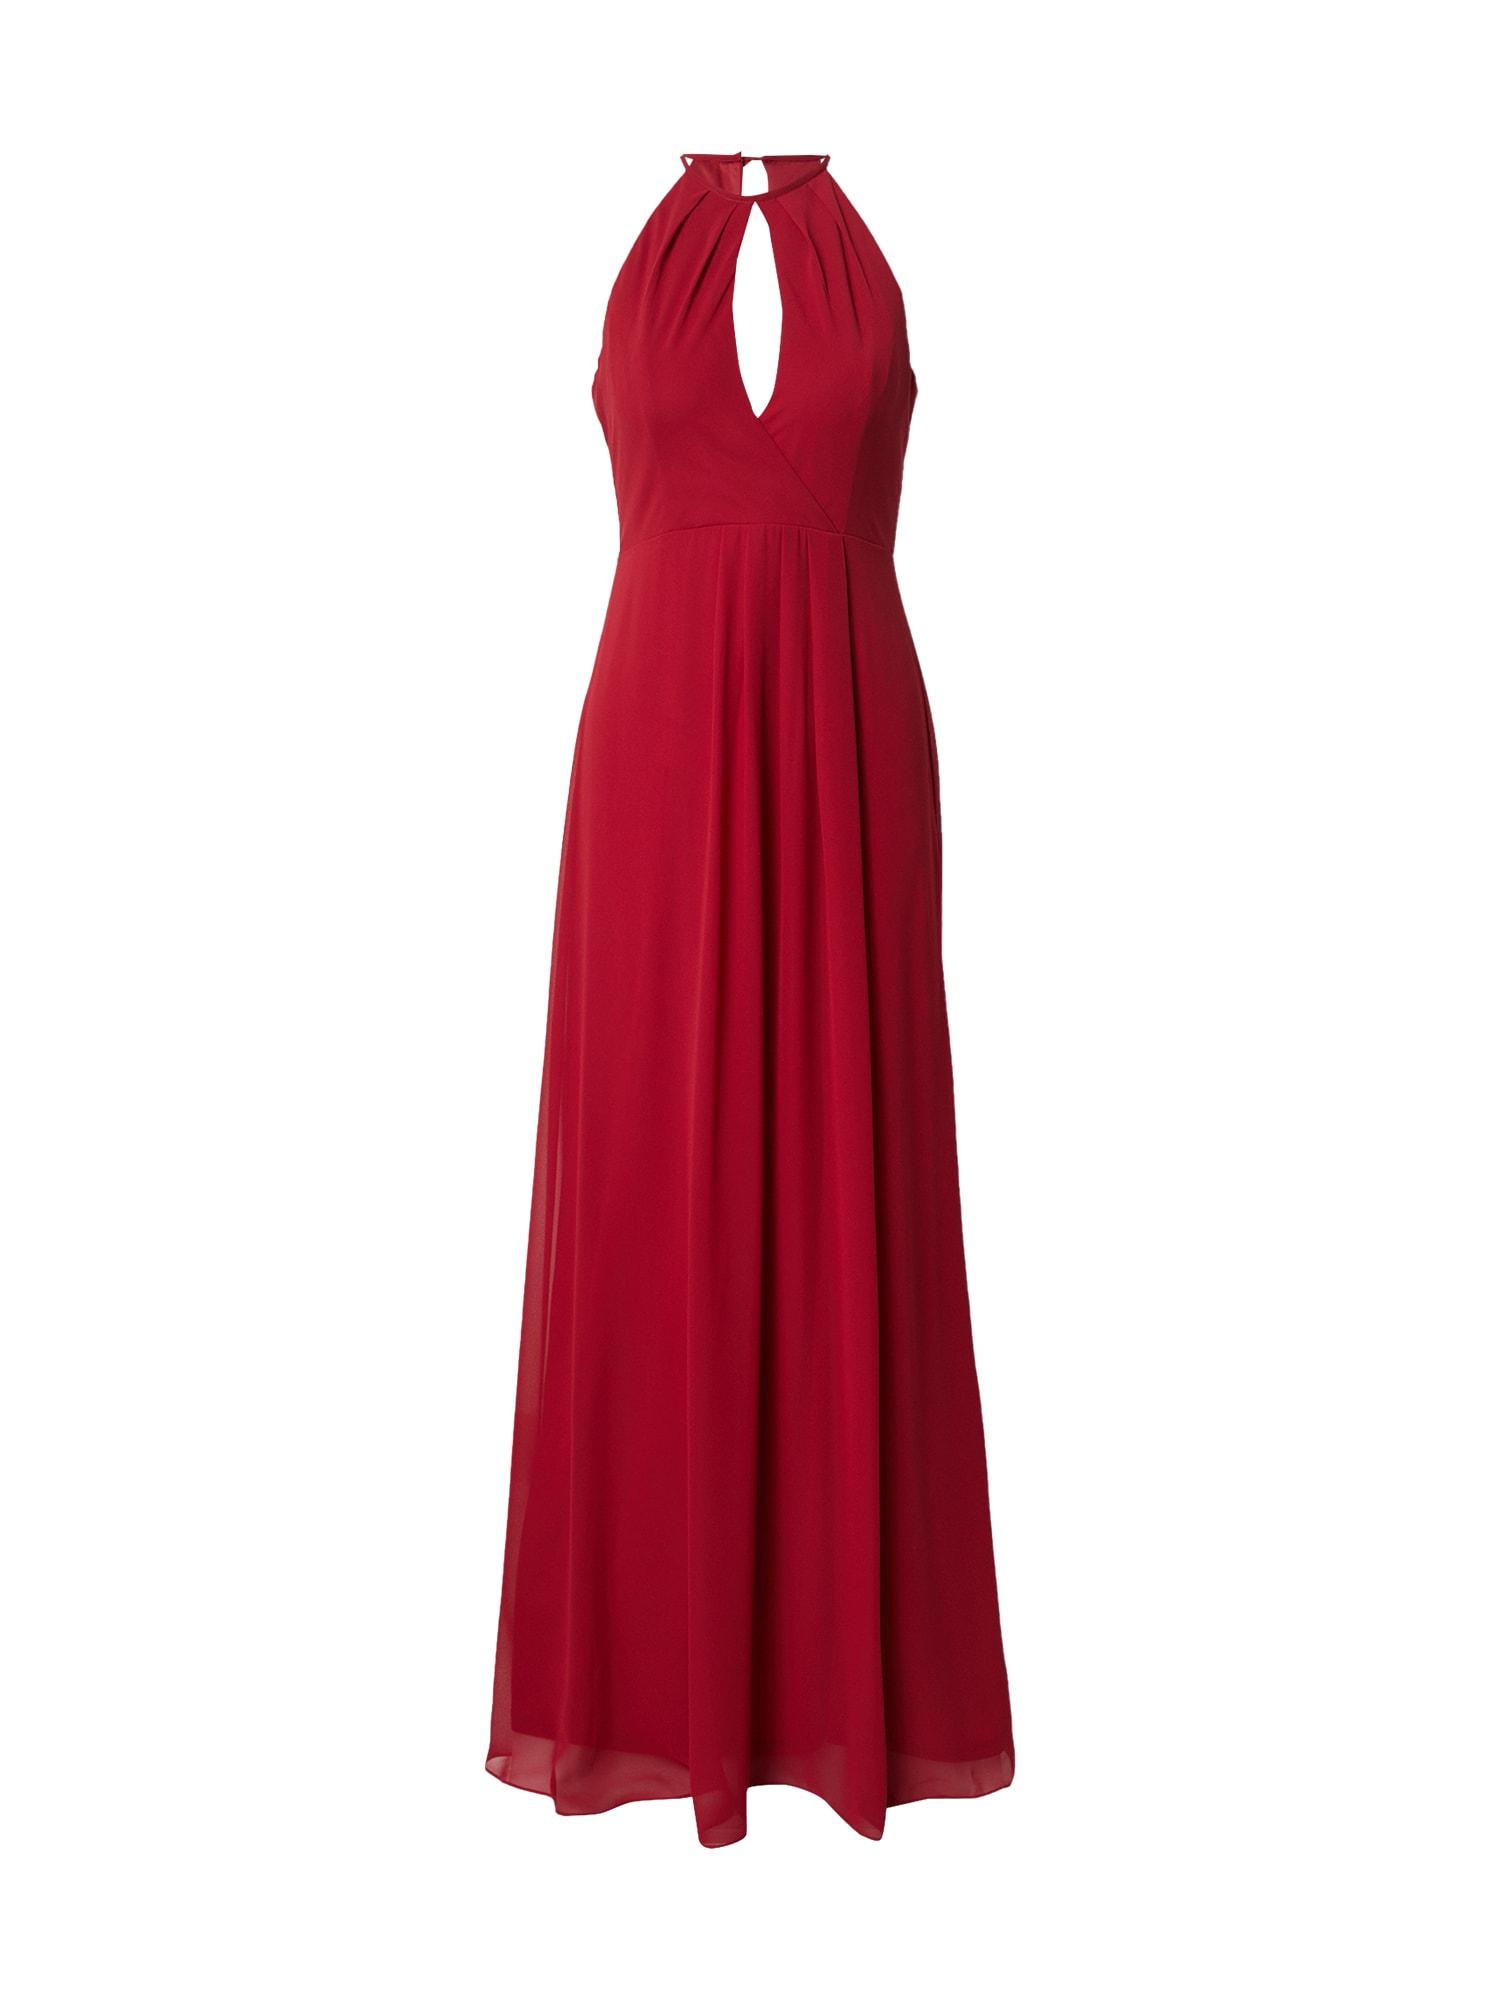 STAR NIGHT Vakarinė suknelė karmino raudona